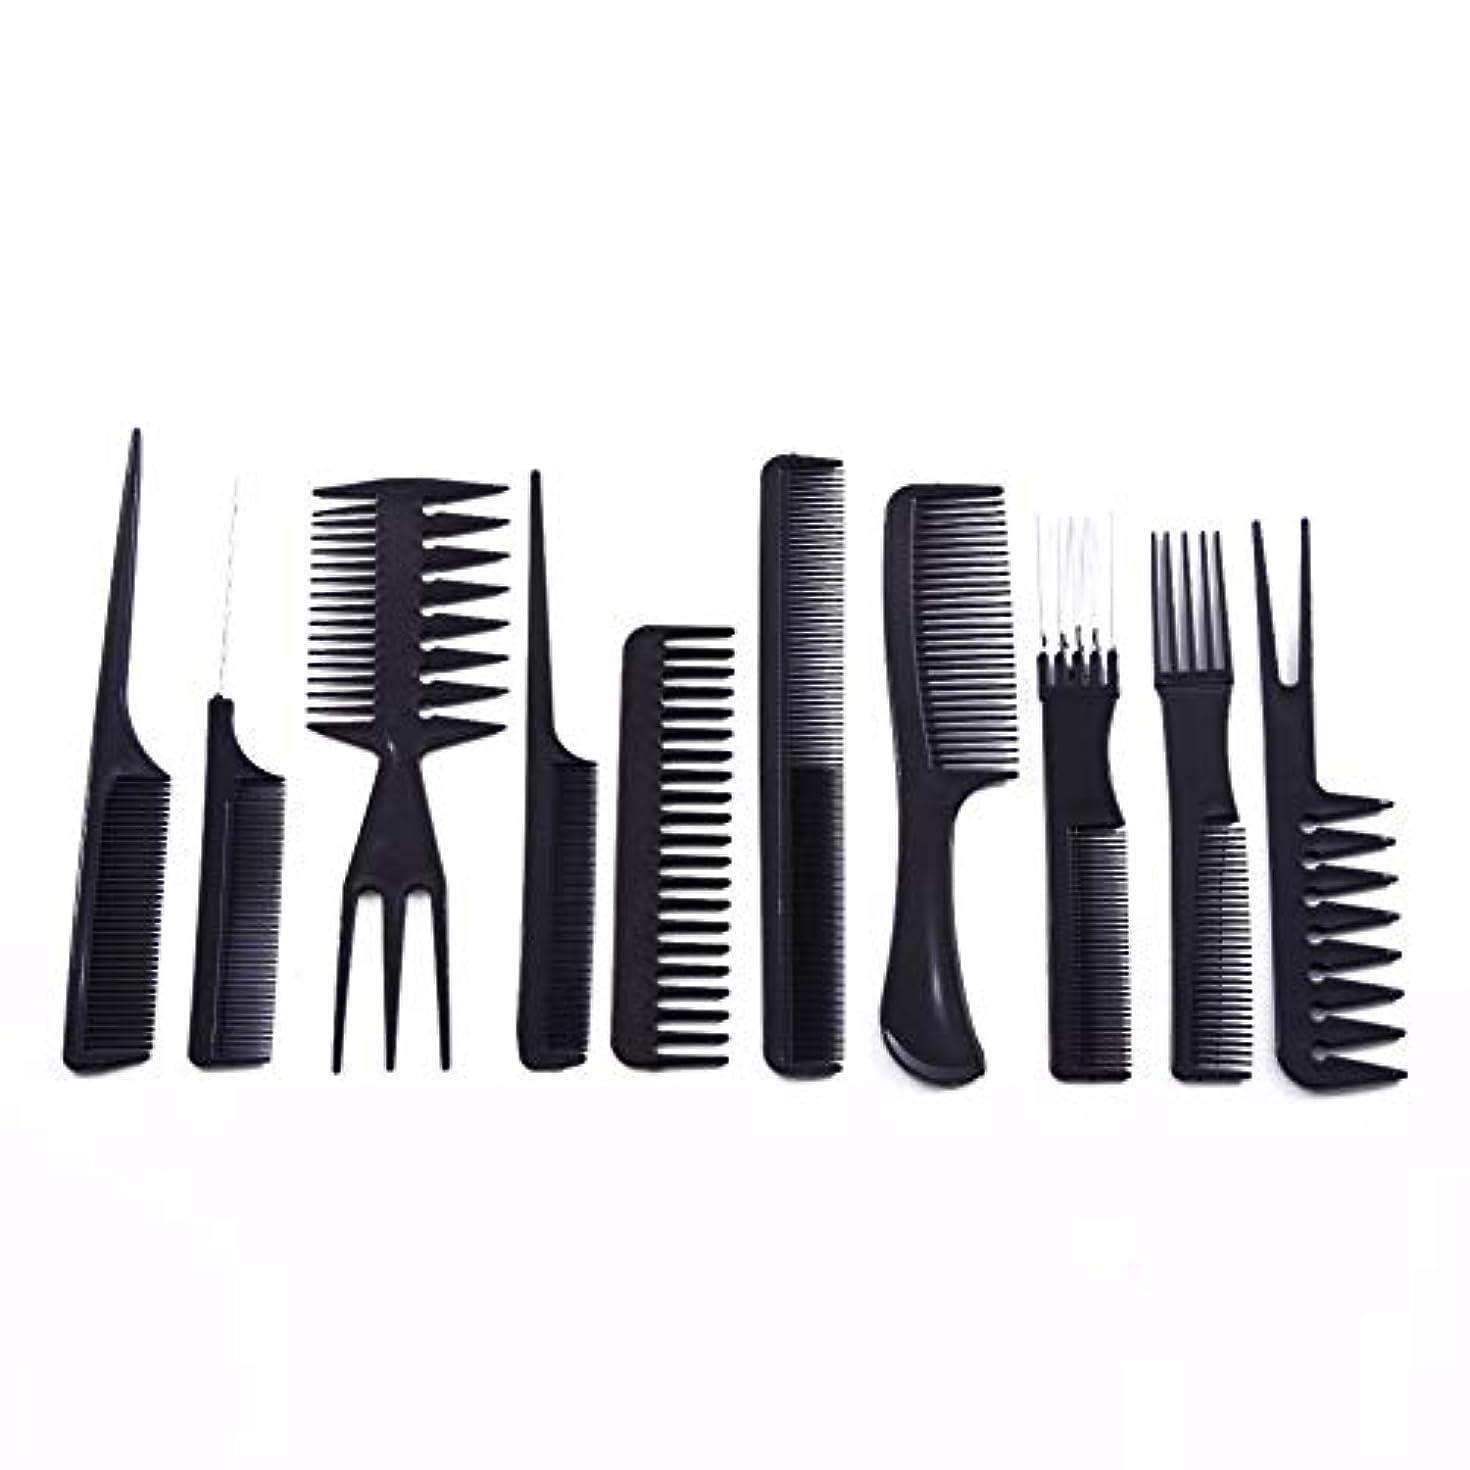 人気の年サージ10ピース/セットプロのヘアブラシ櫛サロン理容帯電防止ヘアコームヘアケアスタイリングツール用すべての髪タイプ